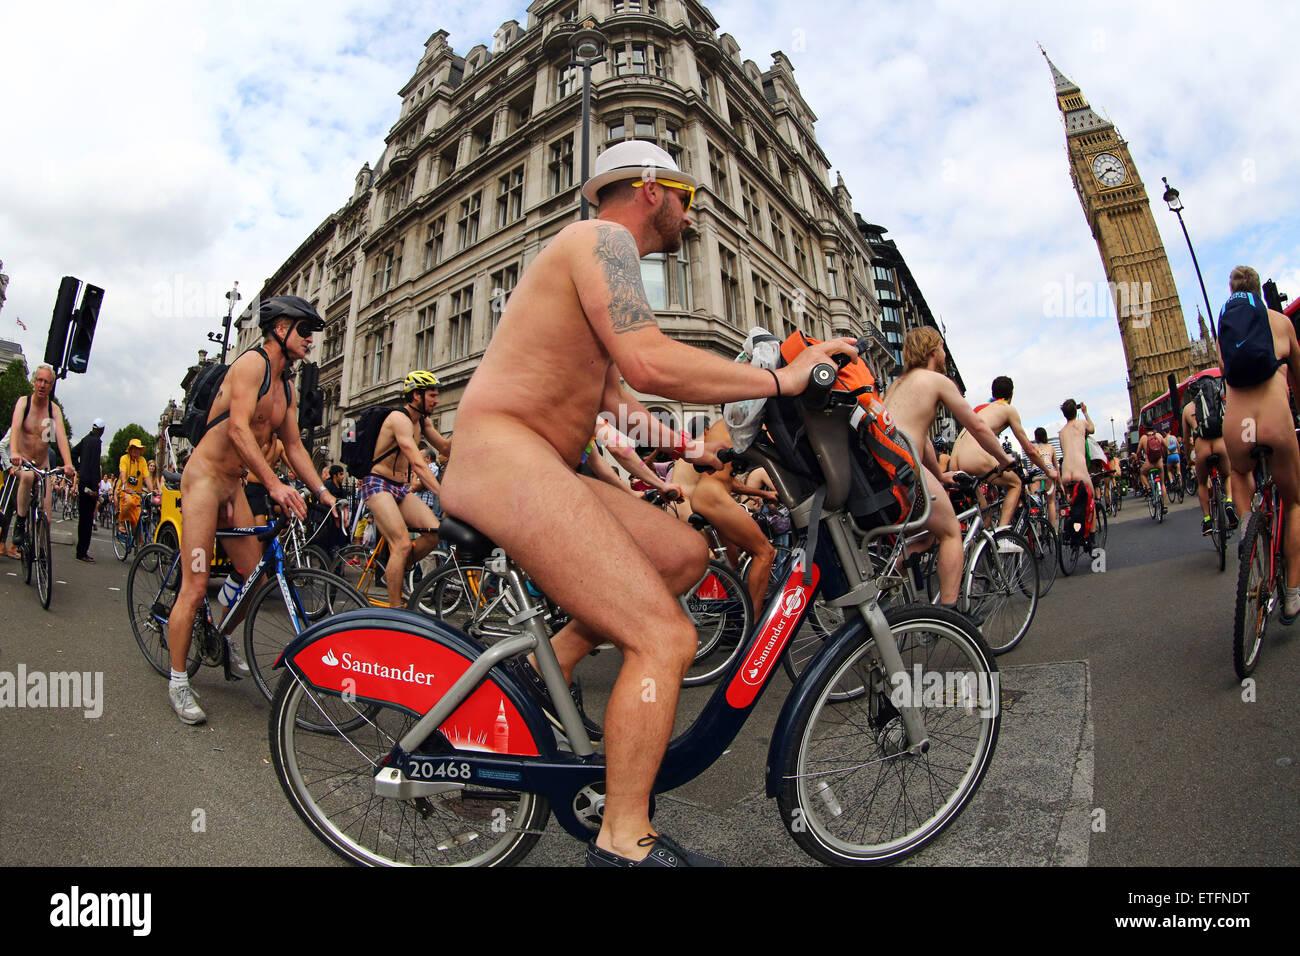 Nude Bike Protest 60